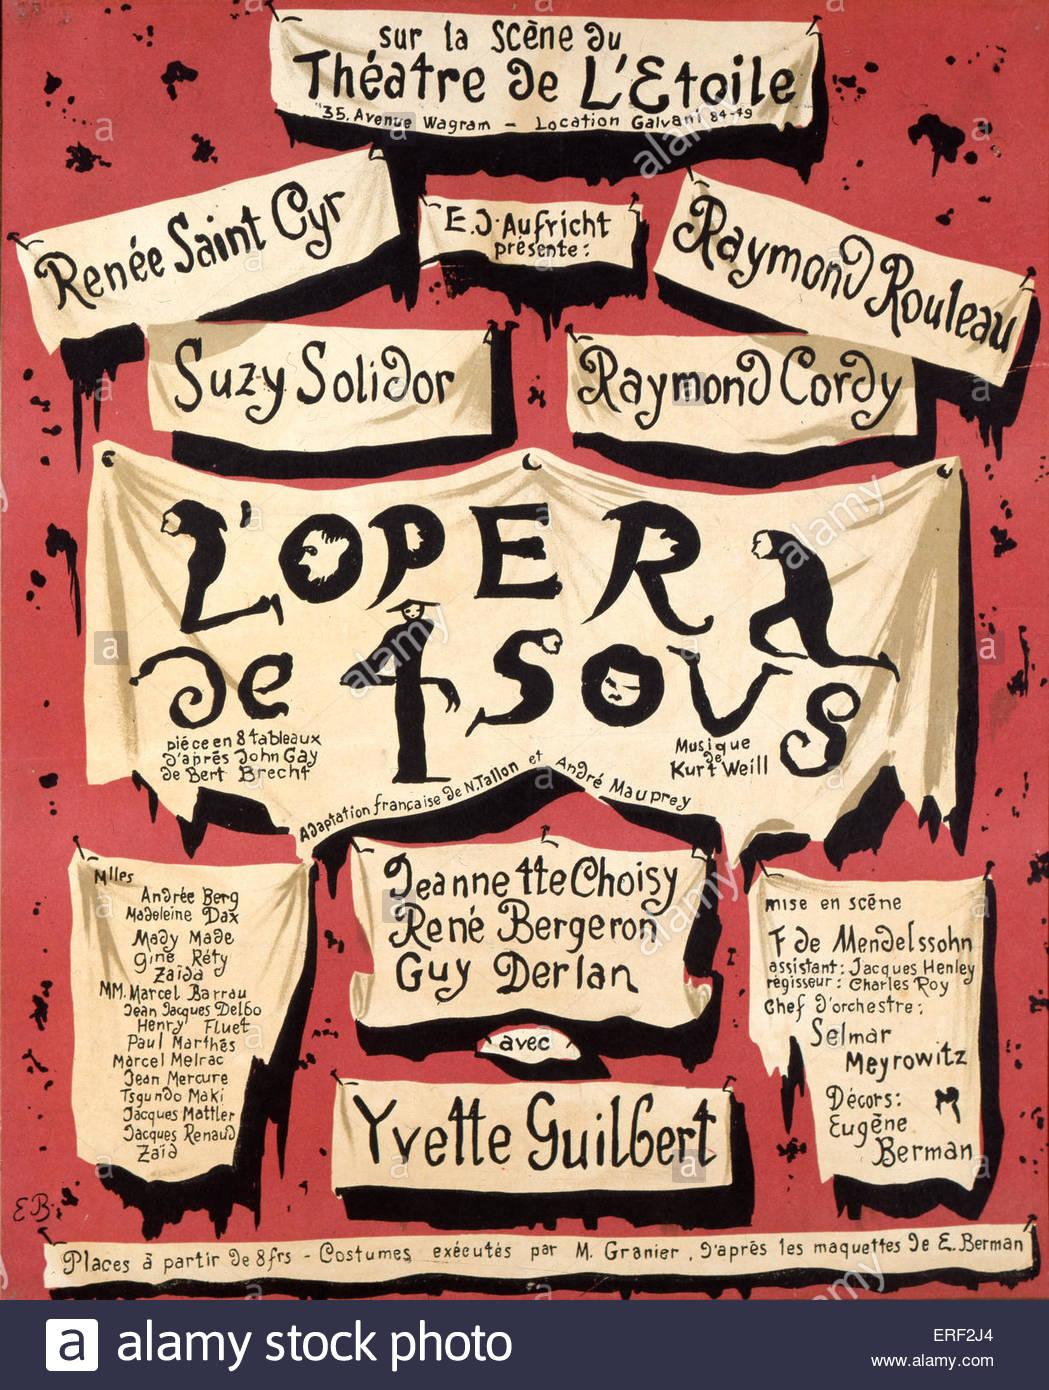 L'Opéra de 4 sous - par Kurt Weill. De l'affiche. Réalisée au Théâtre de l'Etoile, Photo Stock